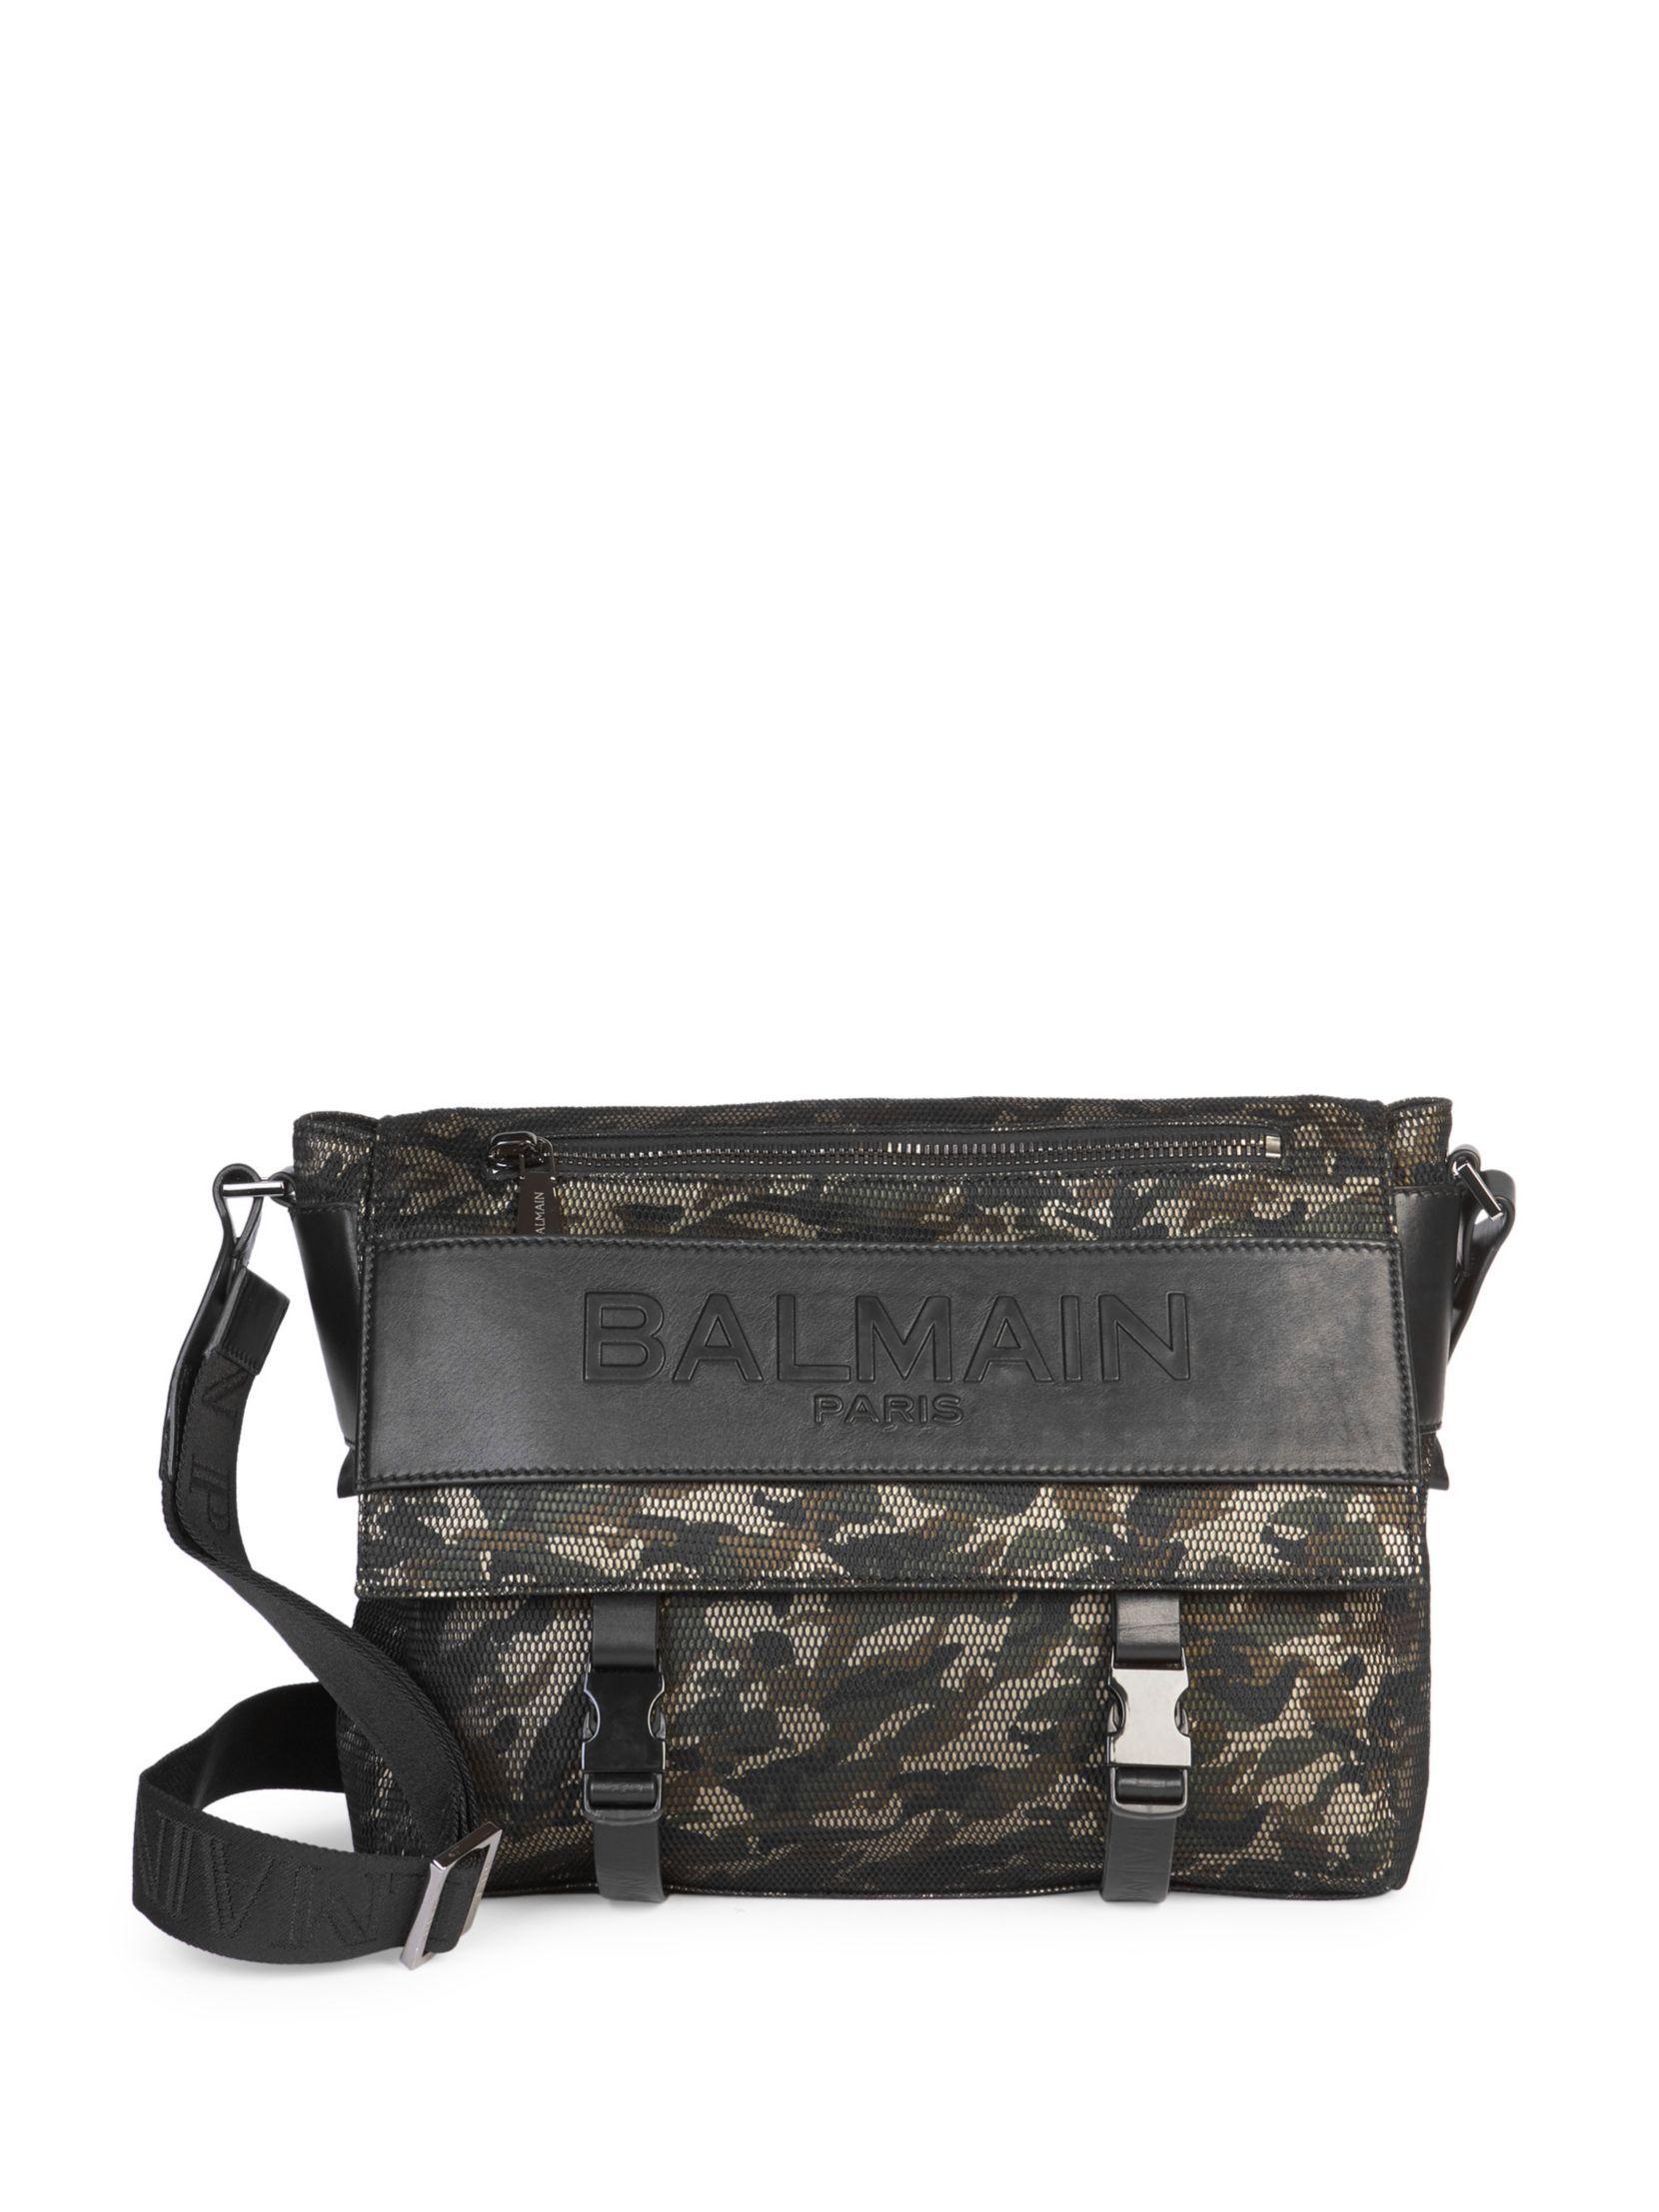 e29bdd25e7 Balmain Camo Messenger Bag